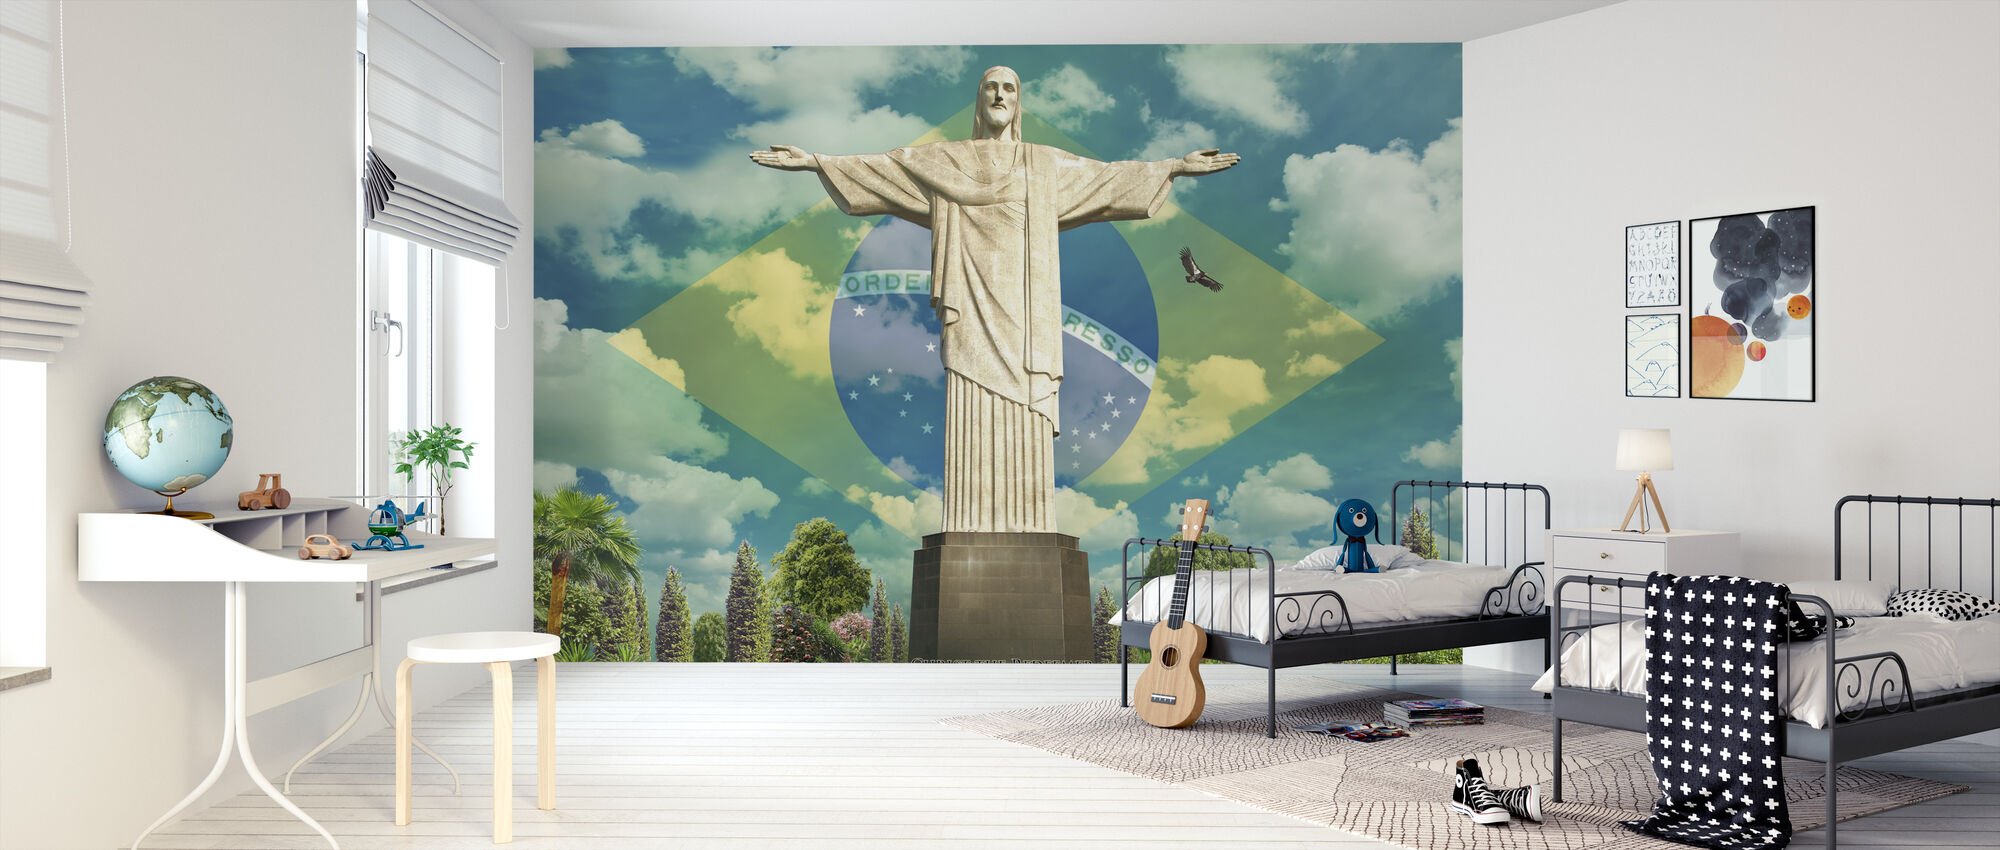 Jeesus Rio - Tapetti - Lastenhuone